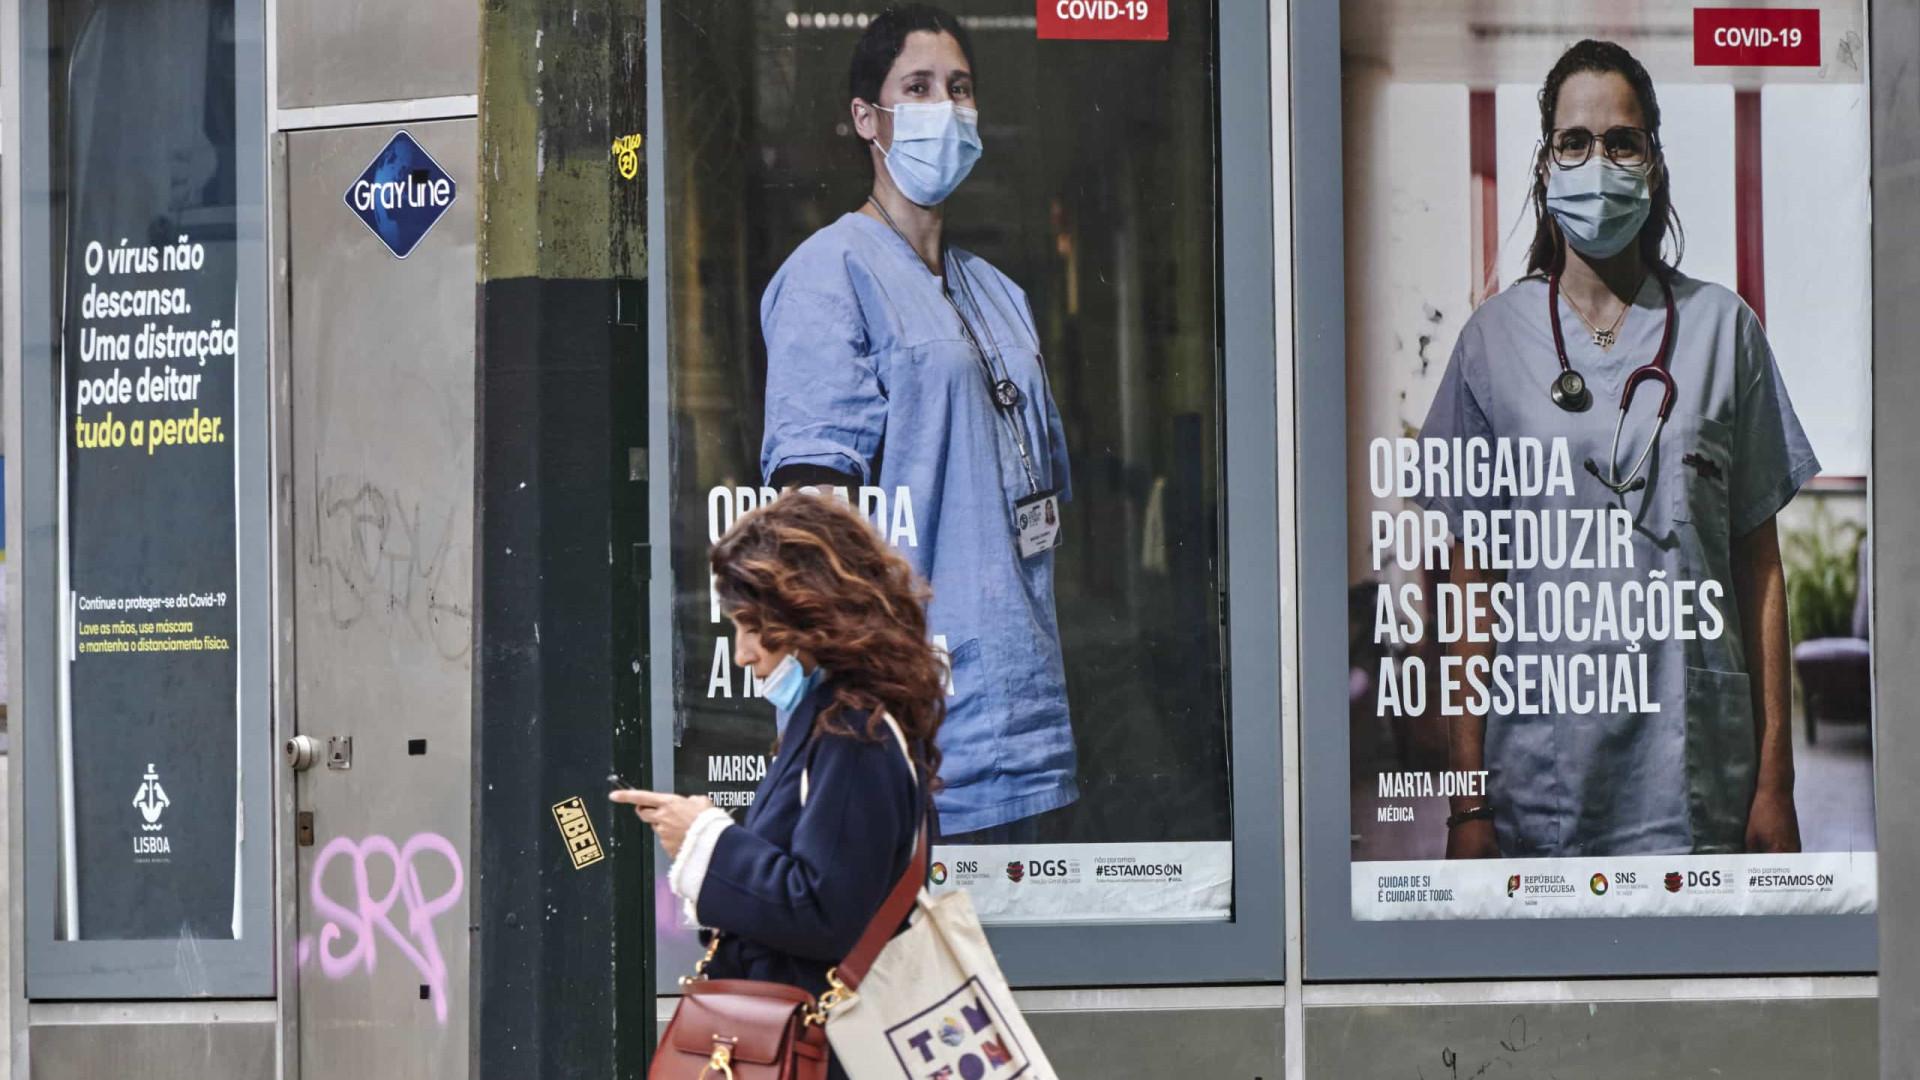 Novos casos de Covid aumentam no mundo pela 1ª vez em sete semanas